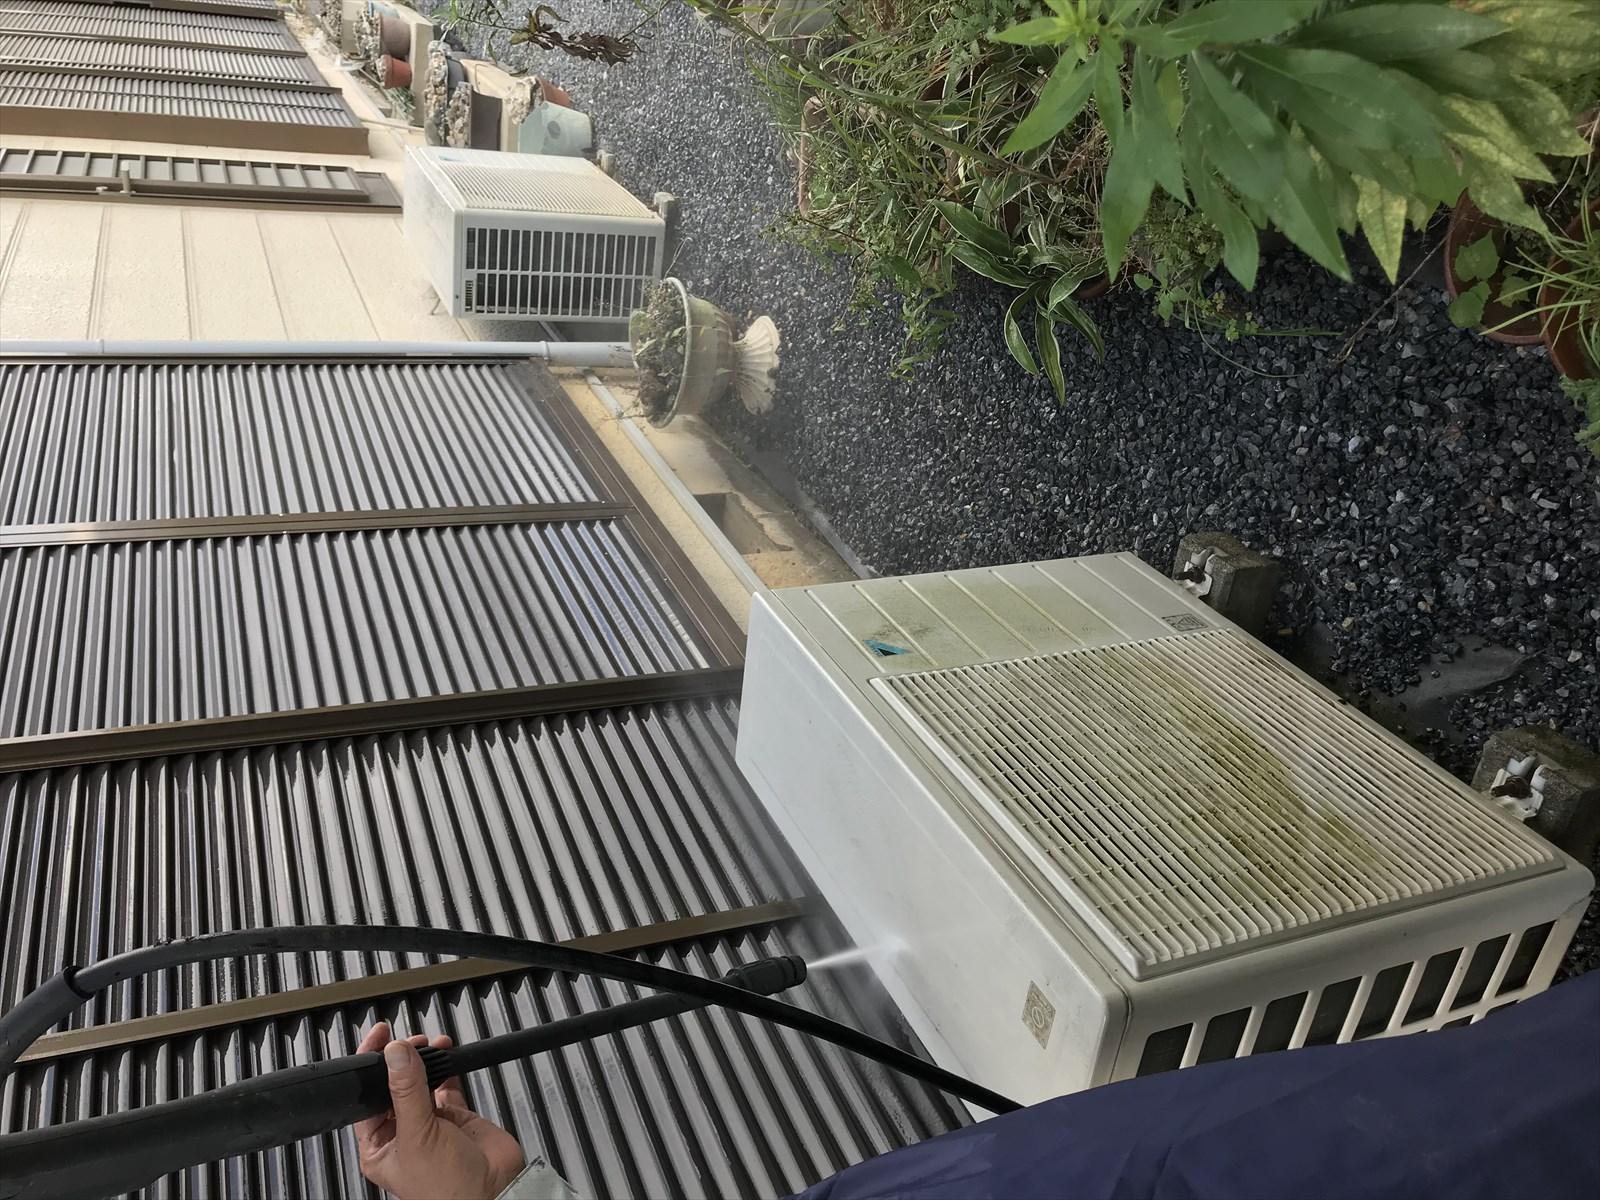 蓮田市カビ苔で汚れたお宅東側のエアコンと雨戸に光触媒コーティングの為高圧洗浄